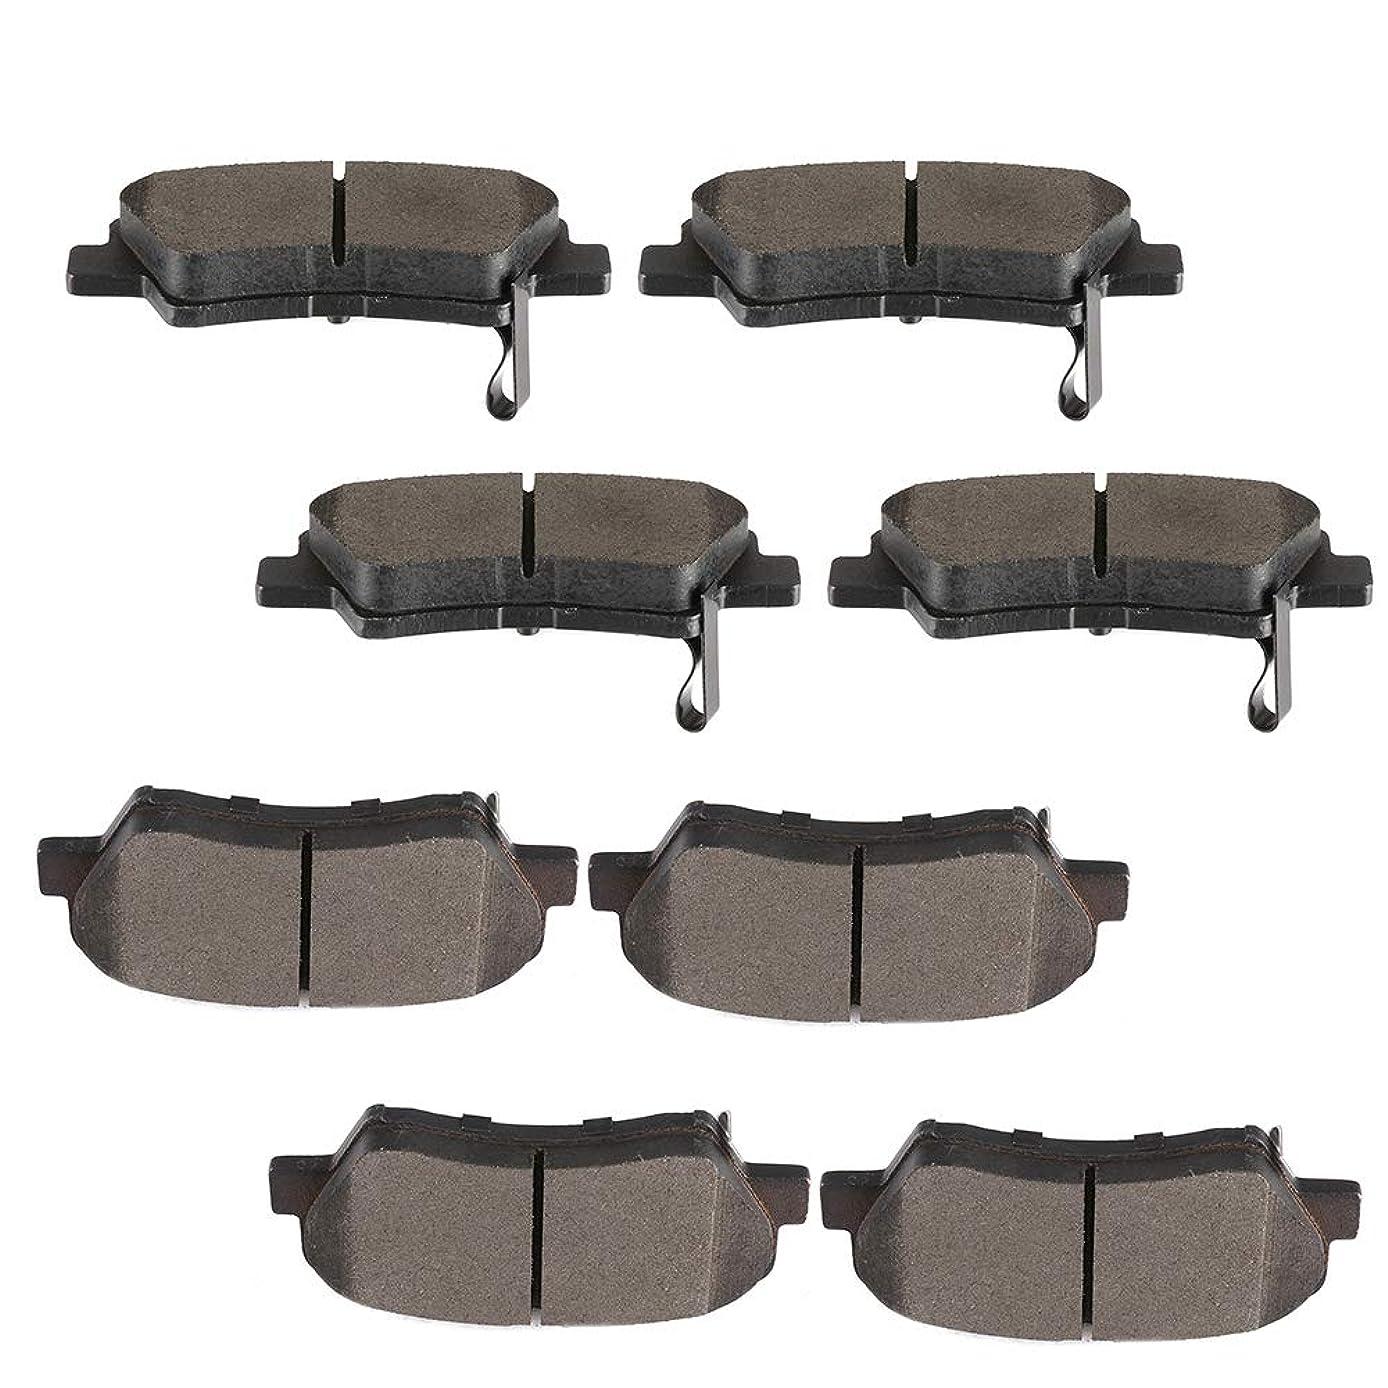 cciyu Professional Ceramic Disc Pads Set fit for 2011-2016 Hyundai Elantra,2013 Hyundai Elantra Coupe,2013-2017 Hyundai Elantra GT